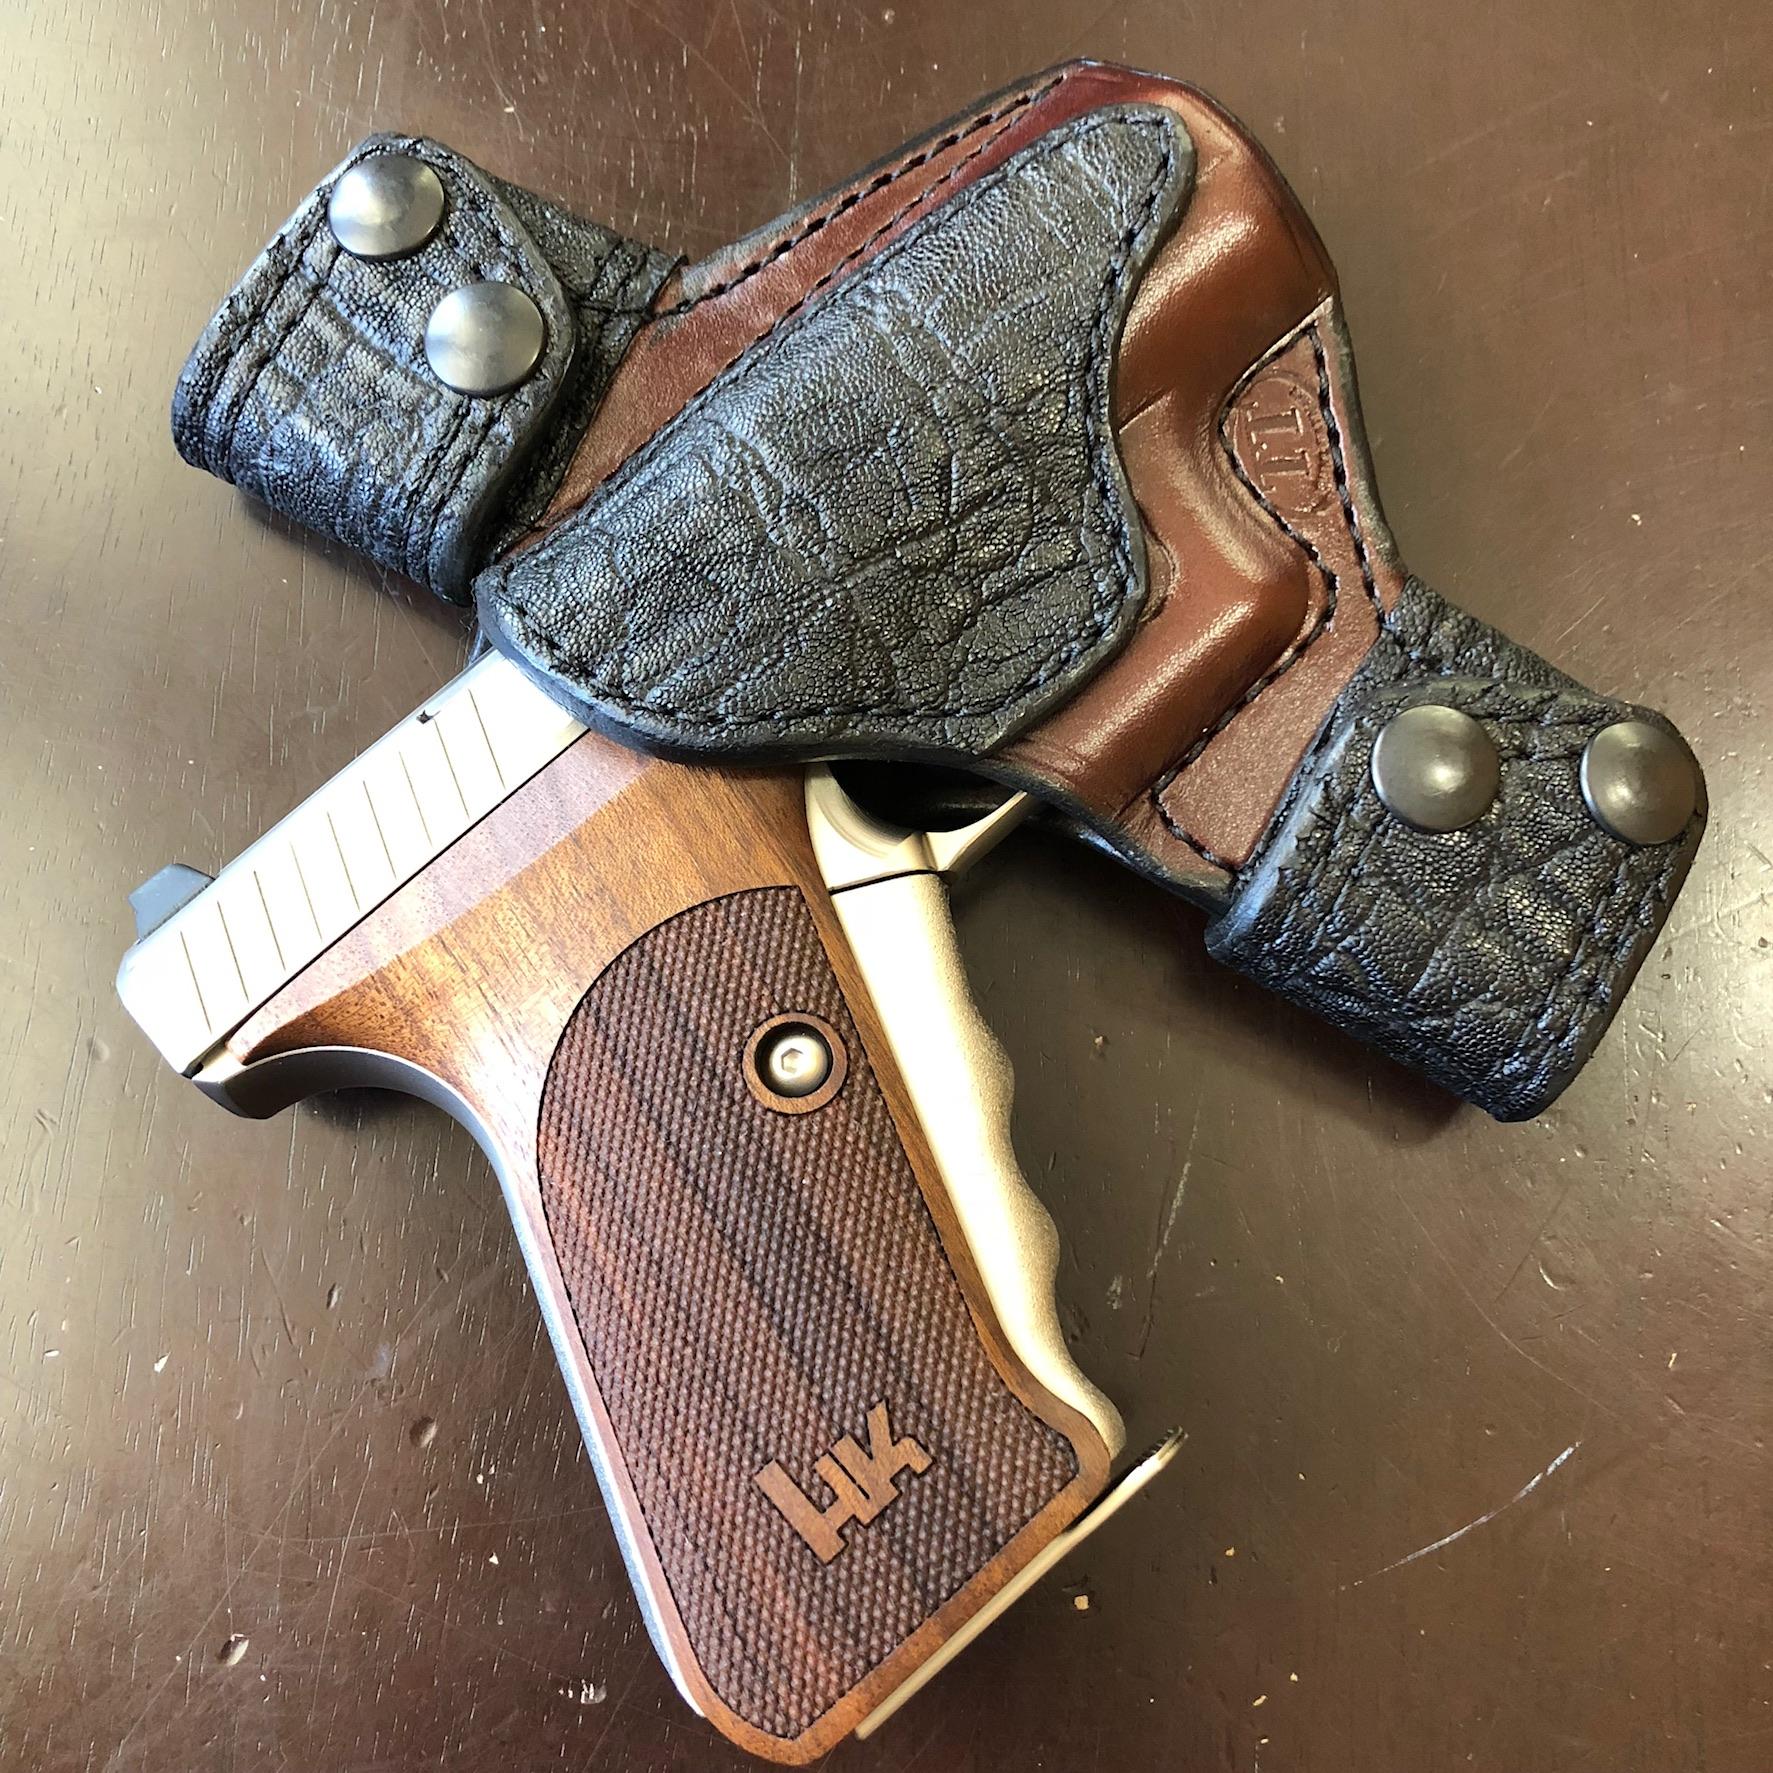 New Leather for my EDC P7M8-8b5f2f66-dce2-48fe-846a-895f724d8ffa.jpeg